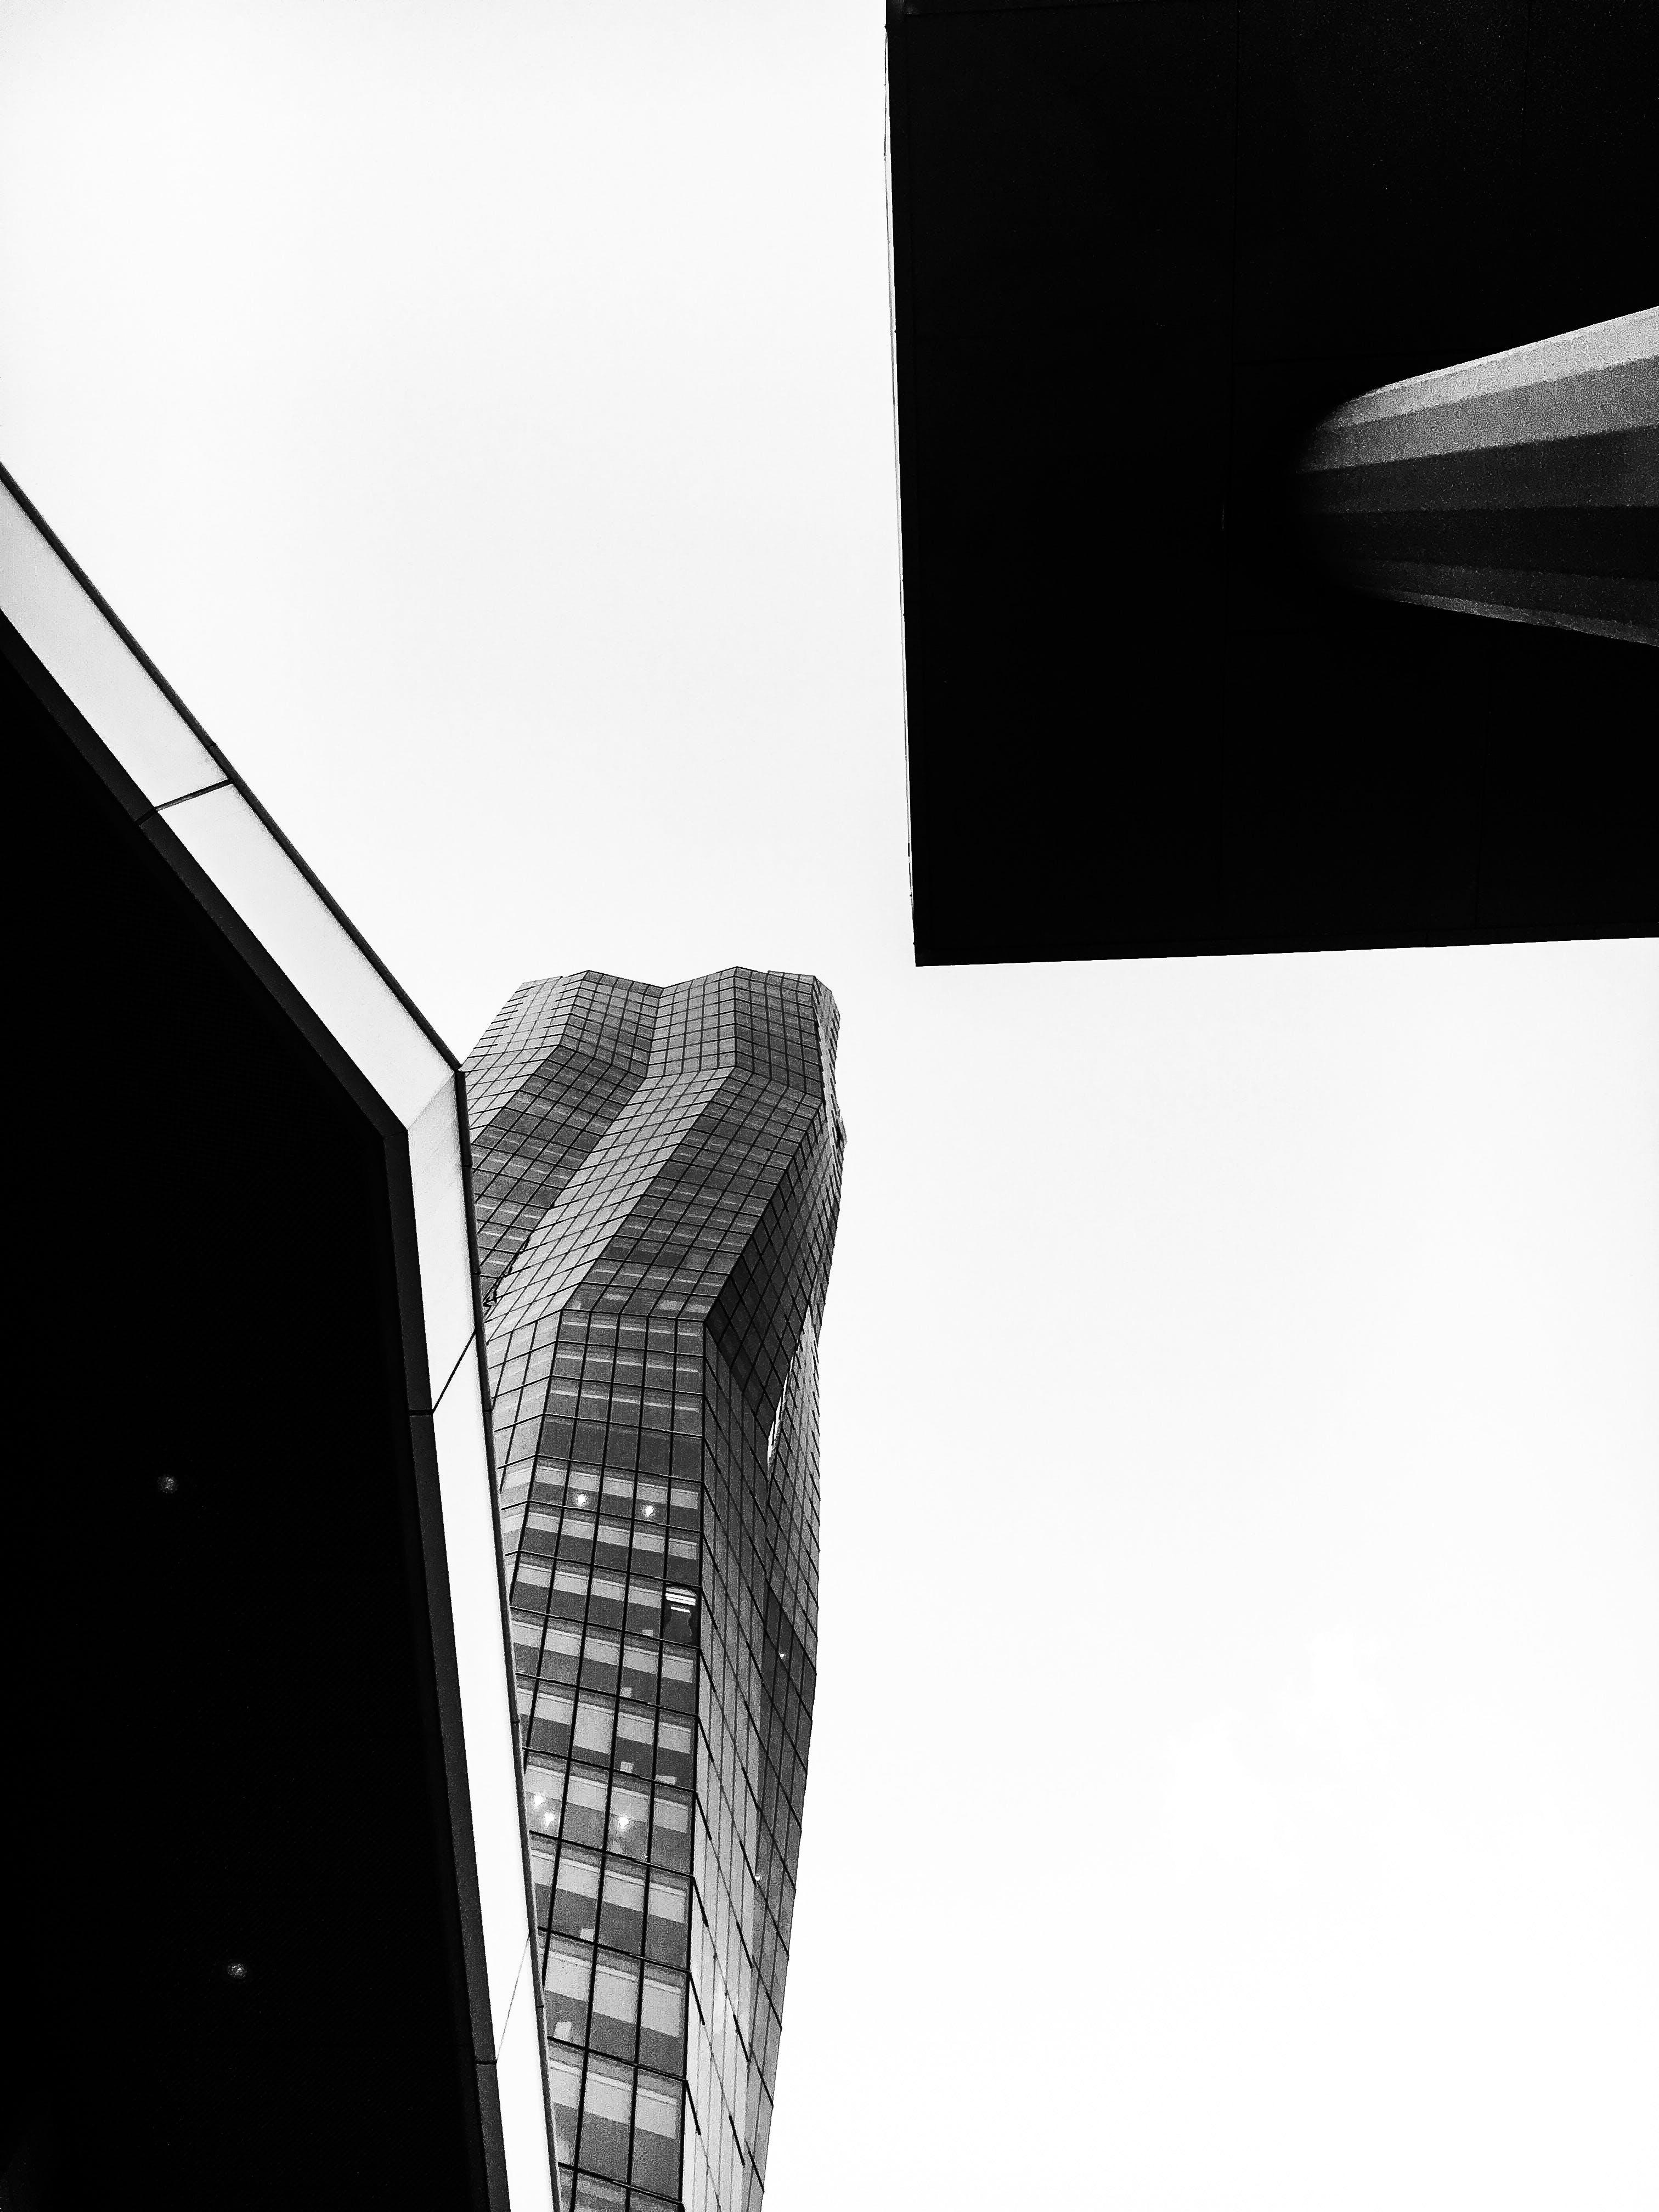 アート, ガラス窓, コンテンポラリー, タワーの無料の写真素材